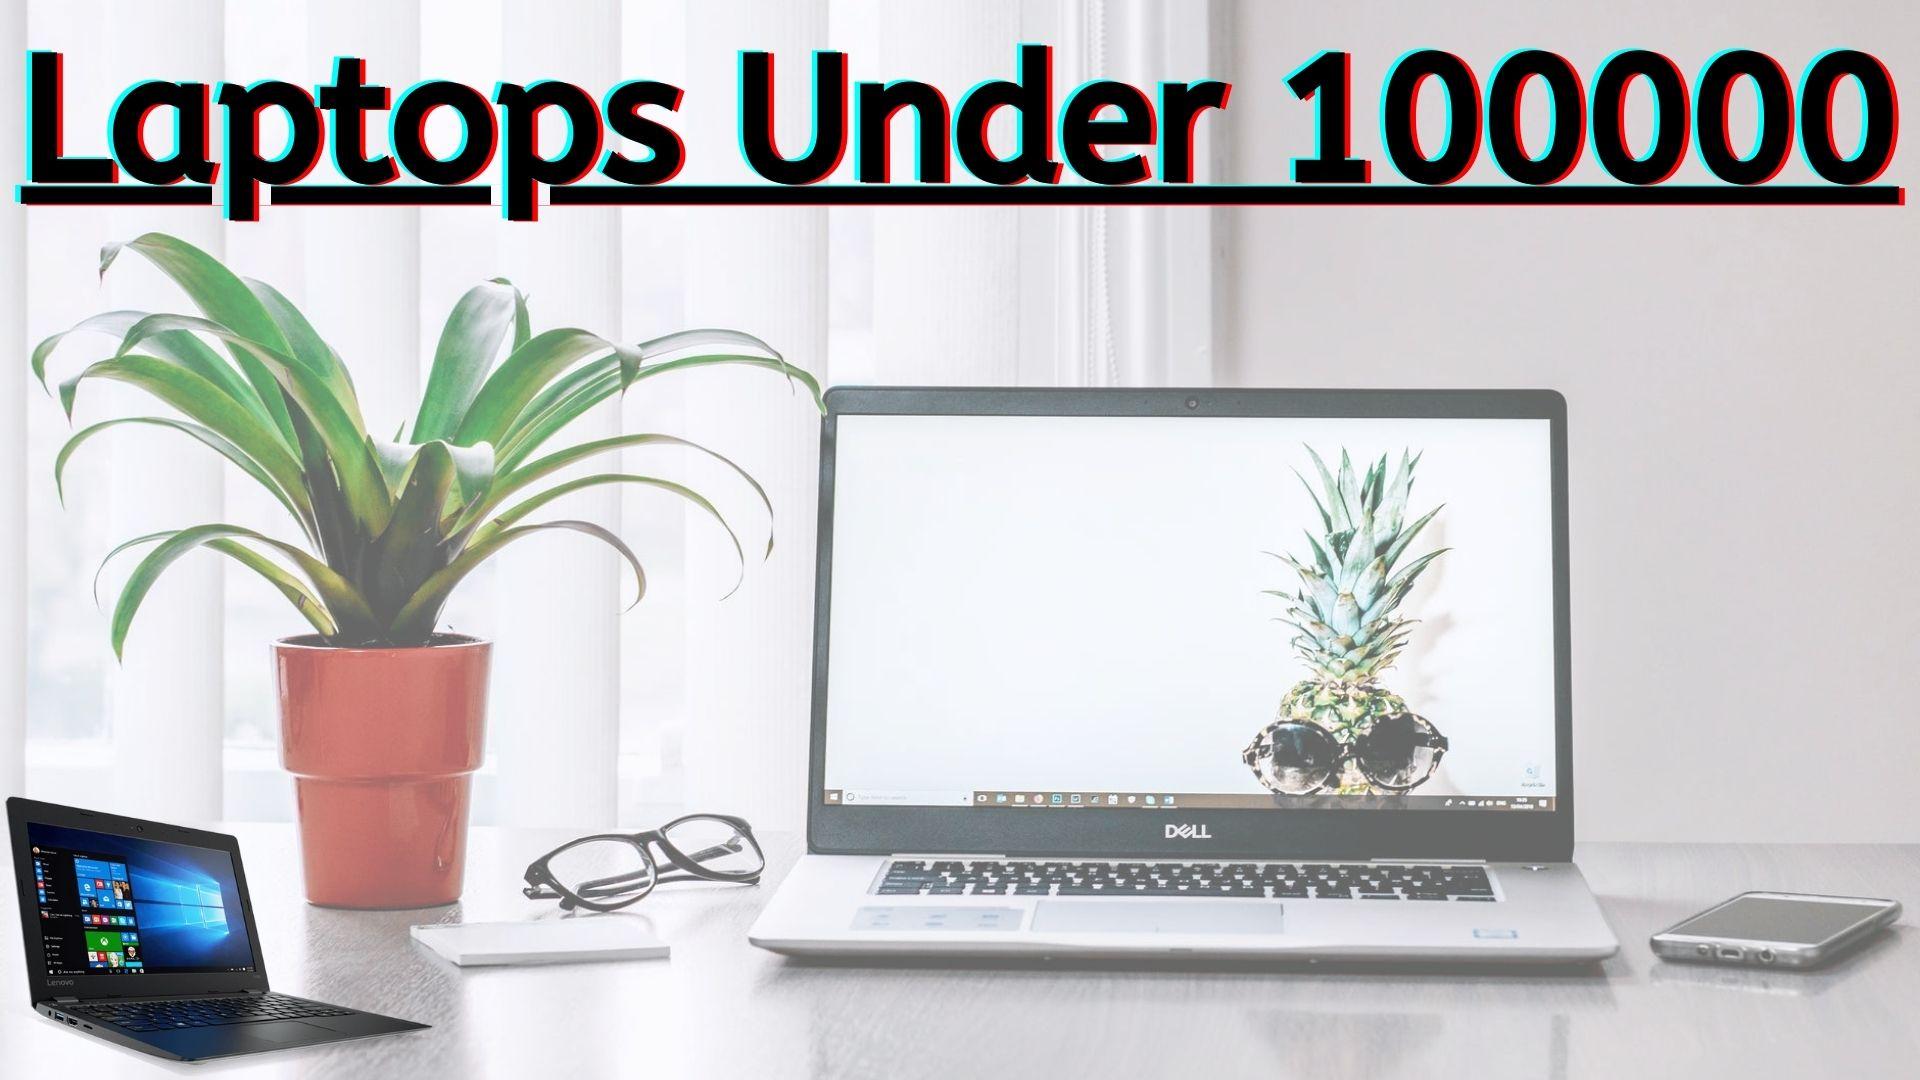 Laptops Under 100000